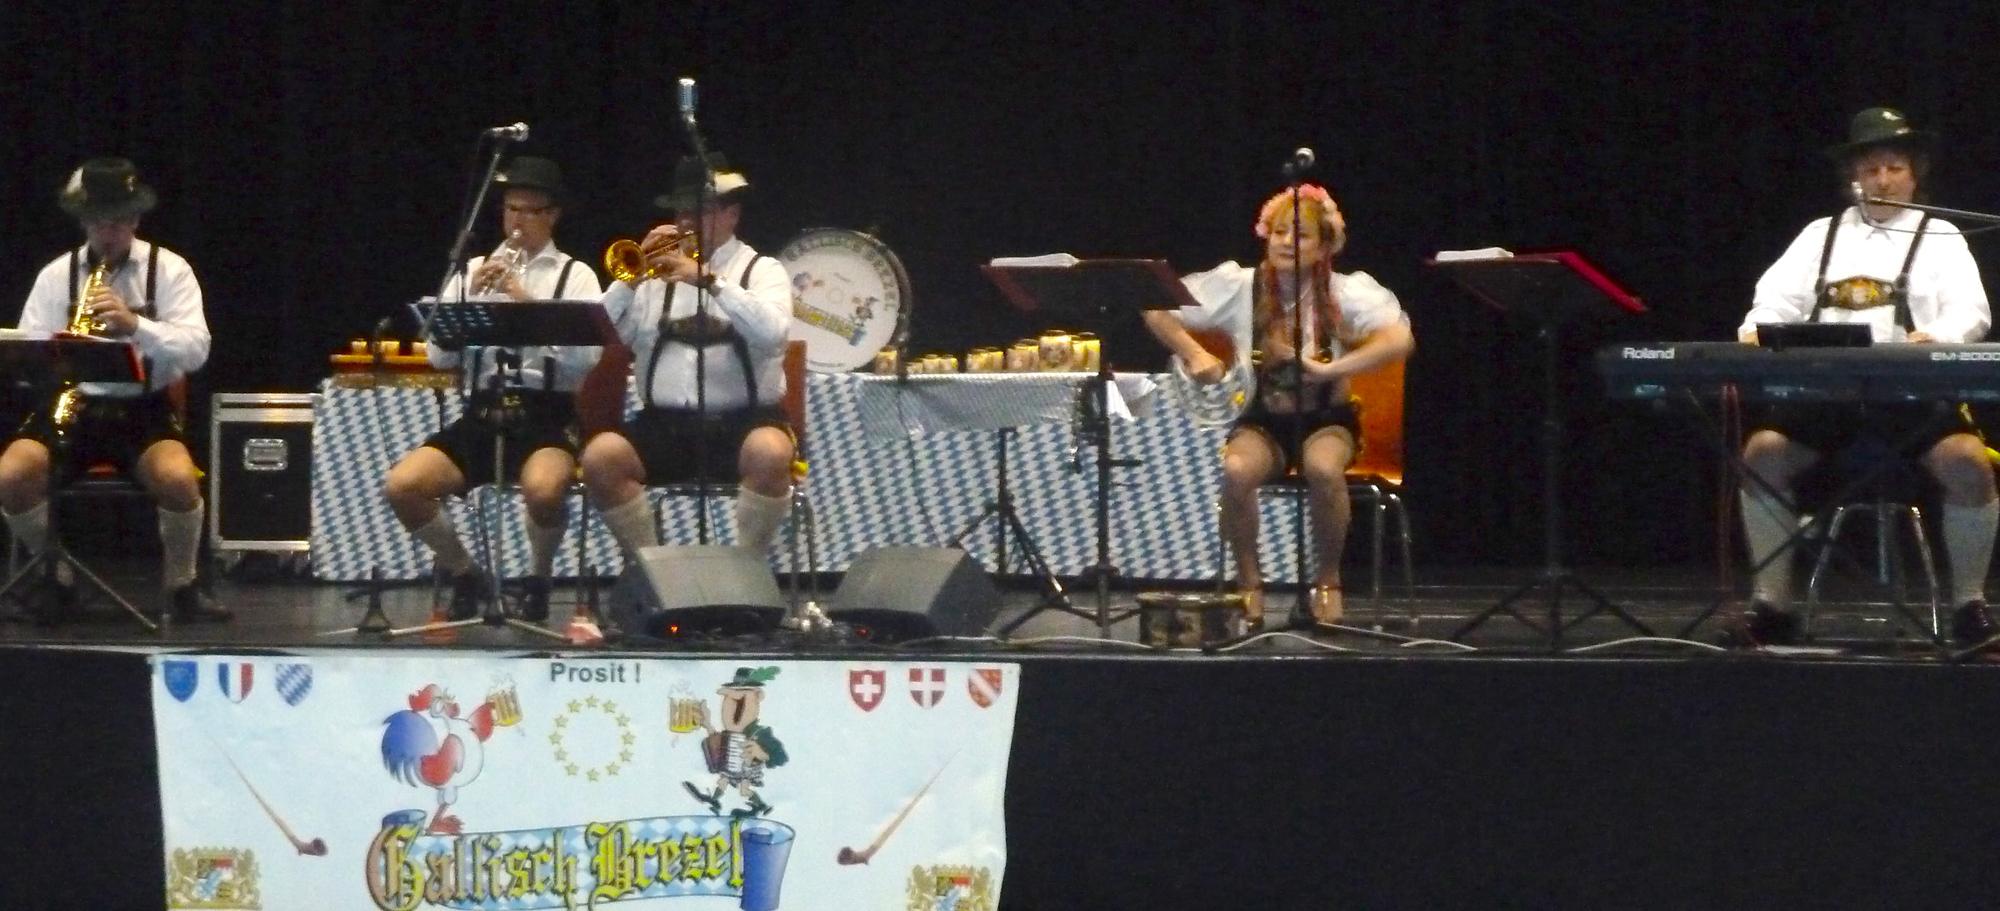 1 orchestre bavarois au Lion's Club de Pont à Mousson 29 9 2012